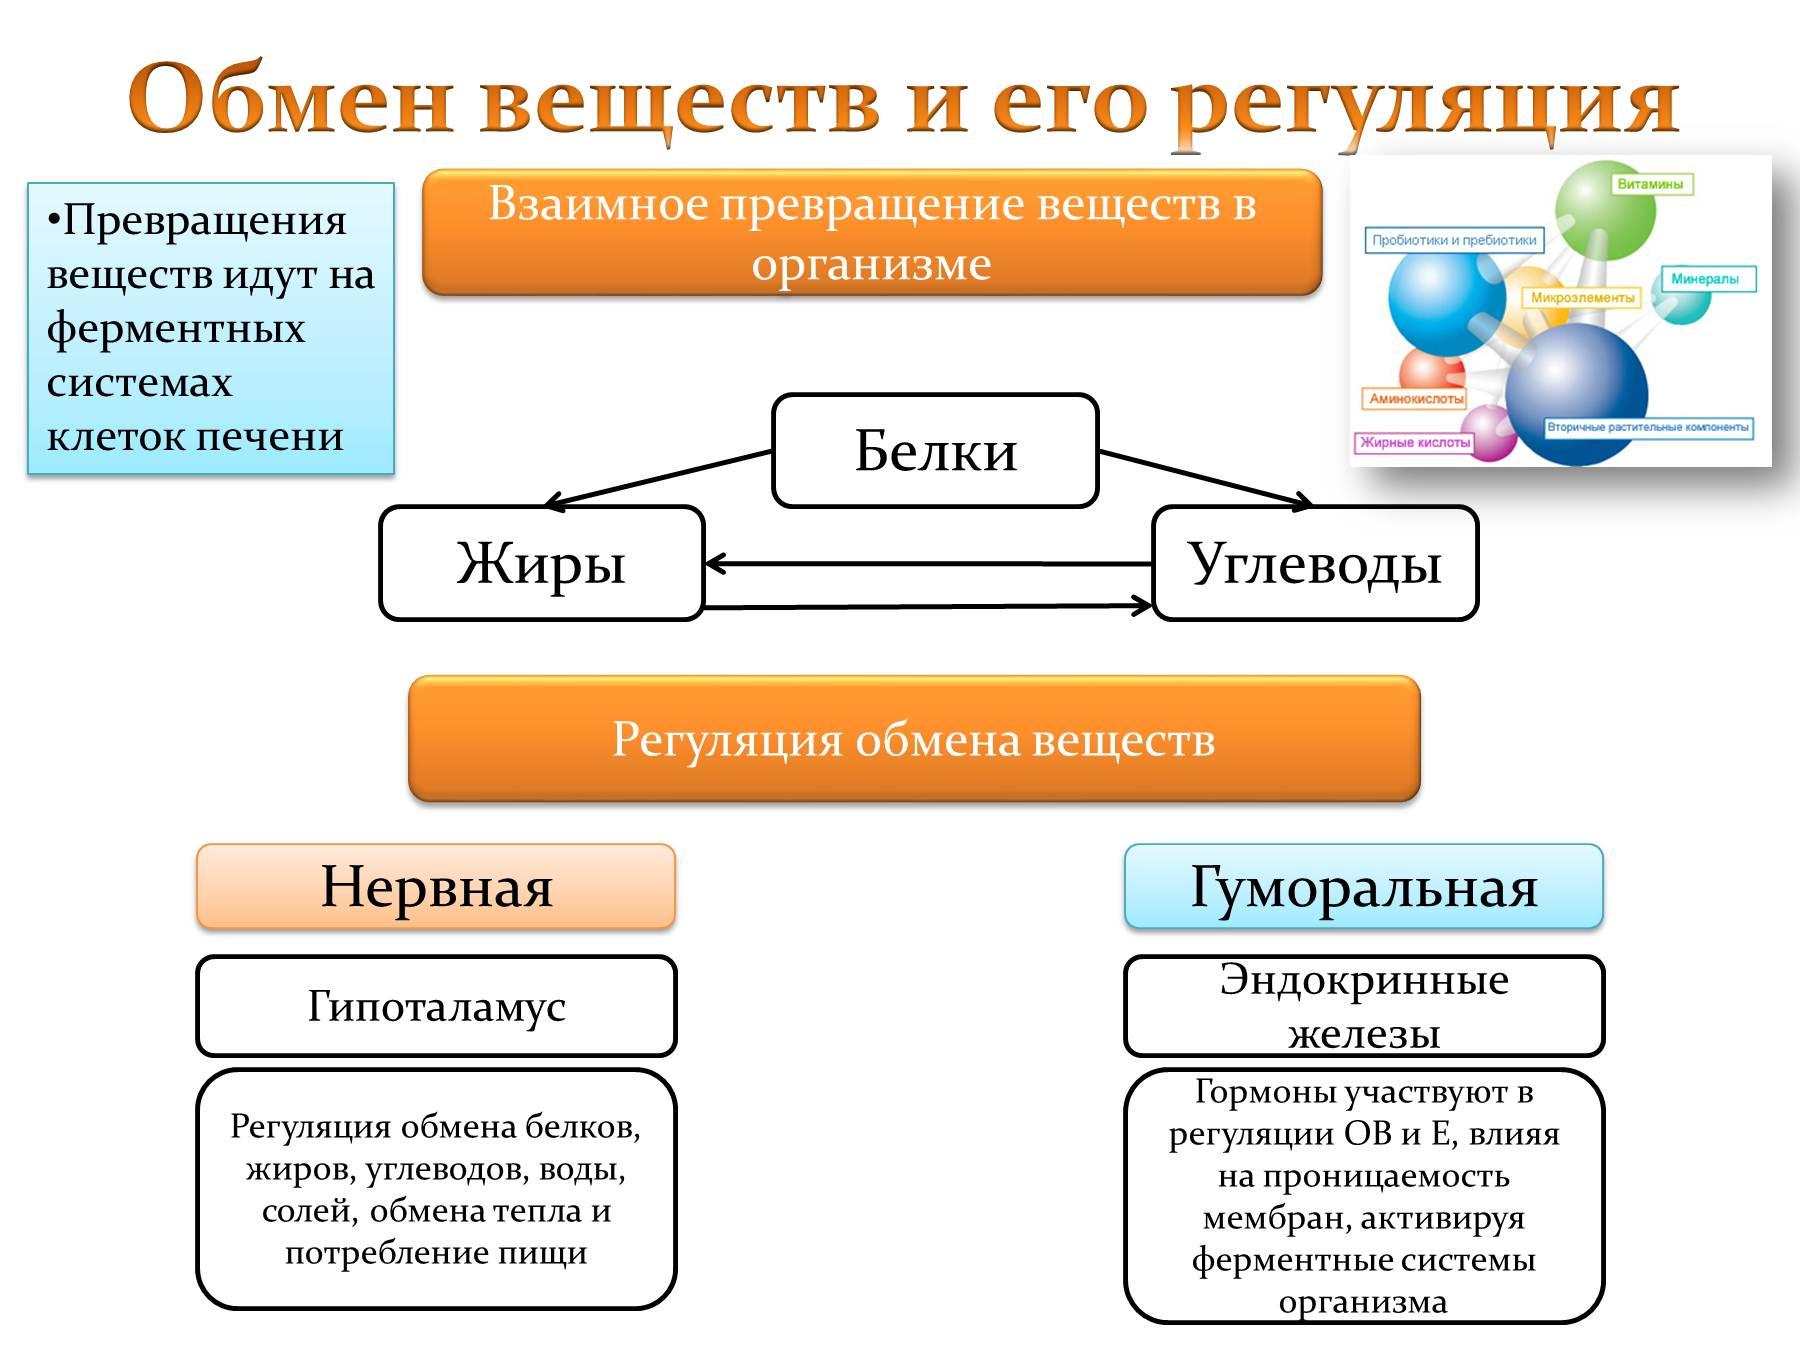 Схема превращения жиров